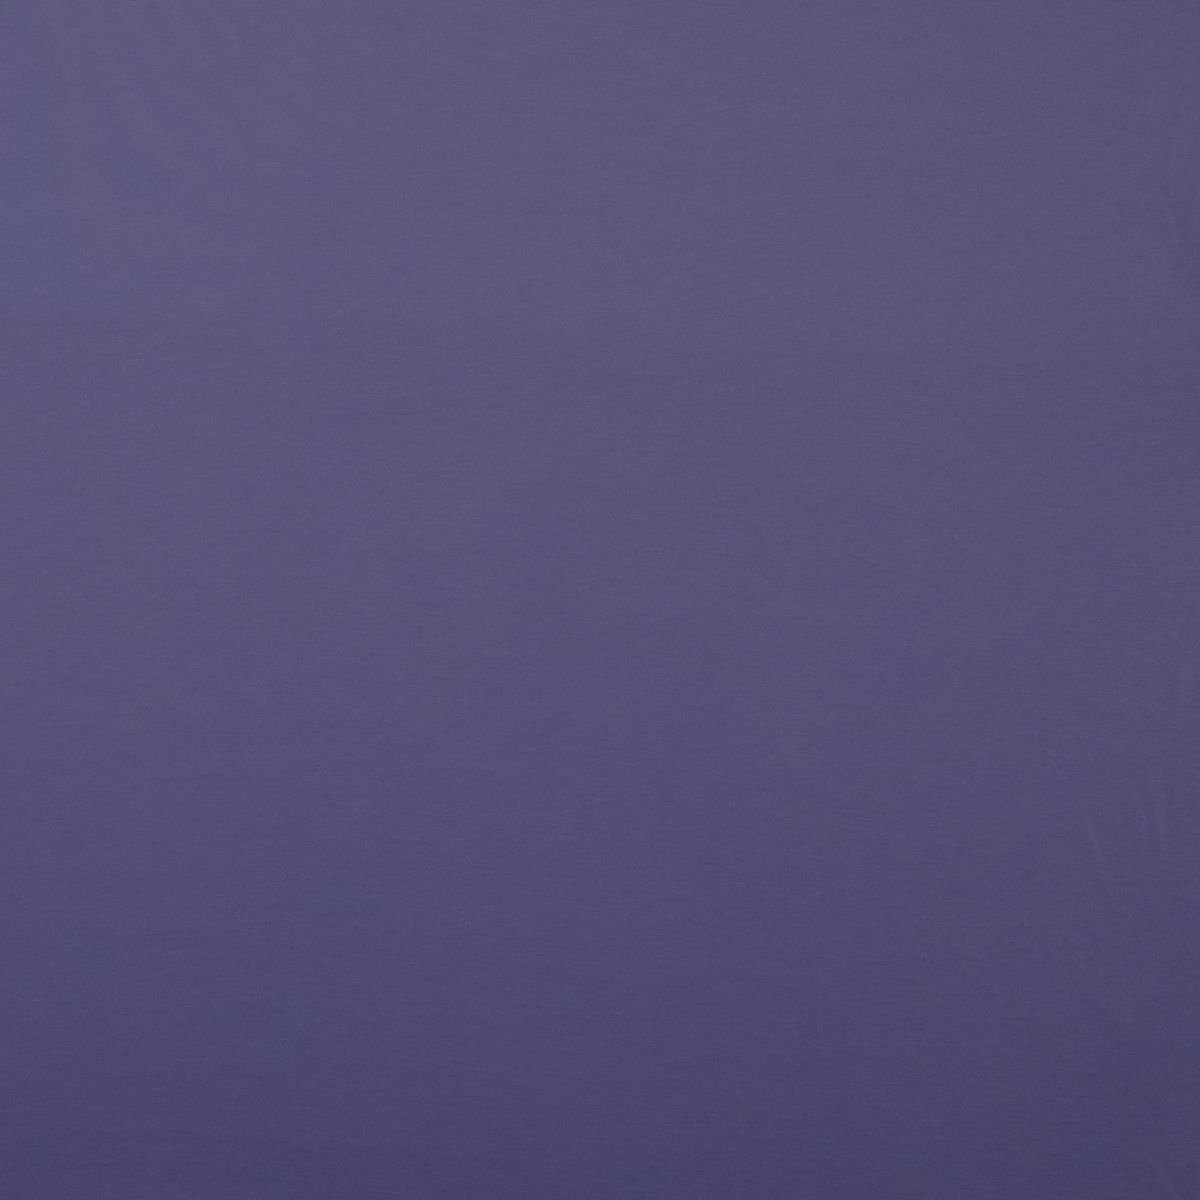 Тонкий кашемировый джерси лавандовый